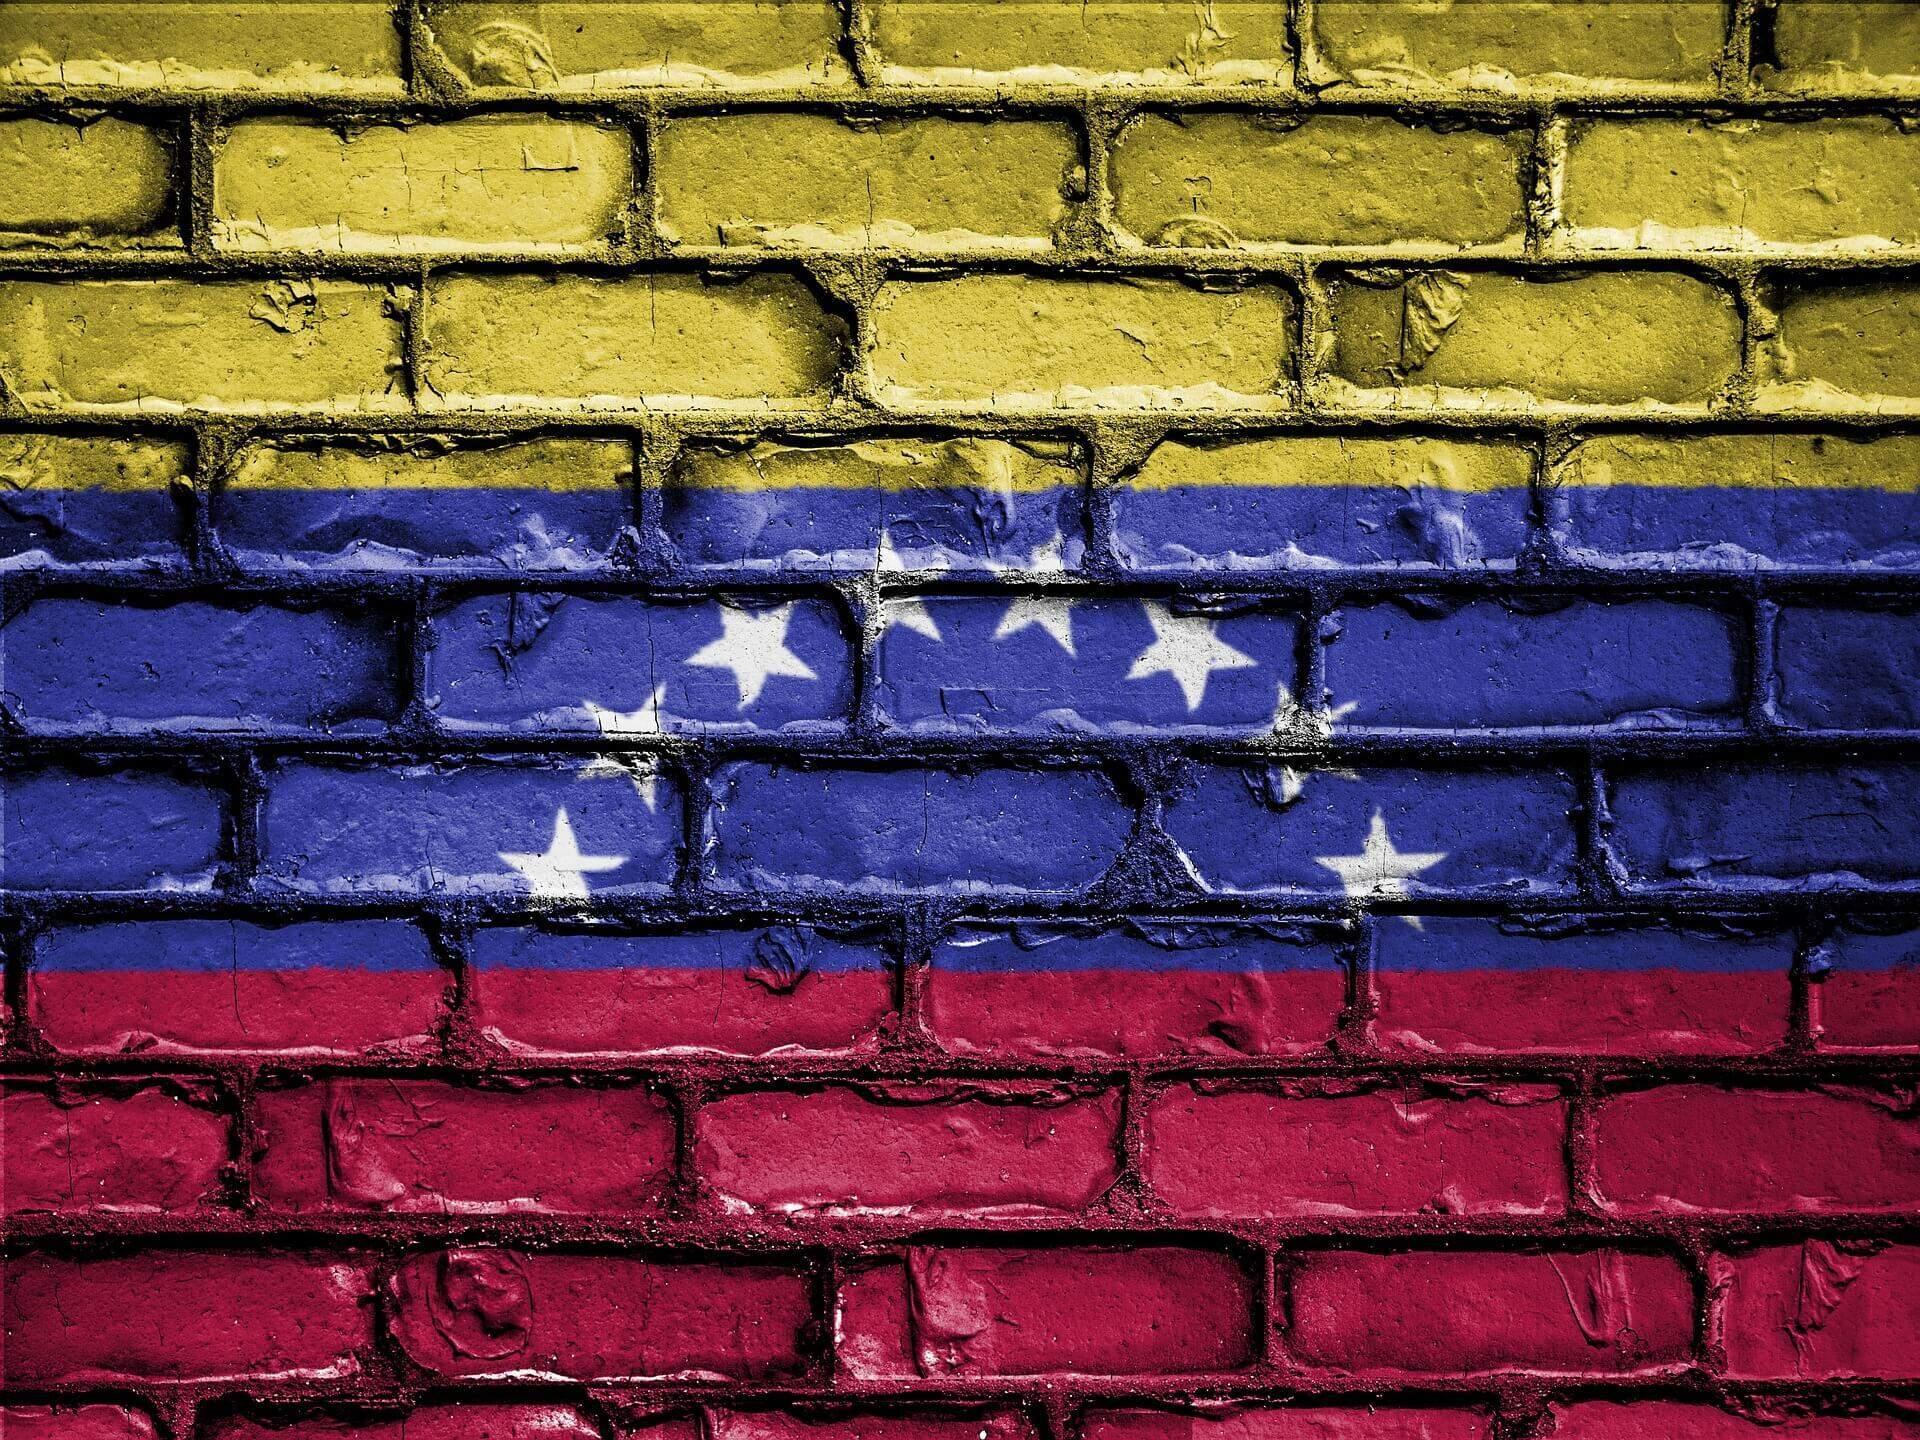 Bandeira da Venezuela pintada em um muro. Imagem ilustrativa (Pixabay)